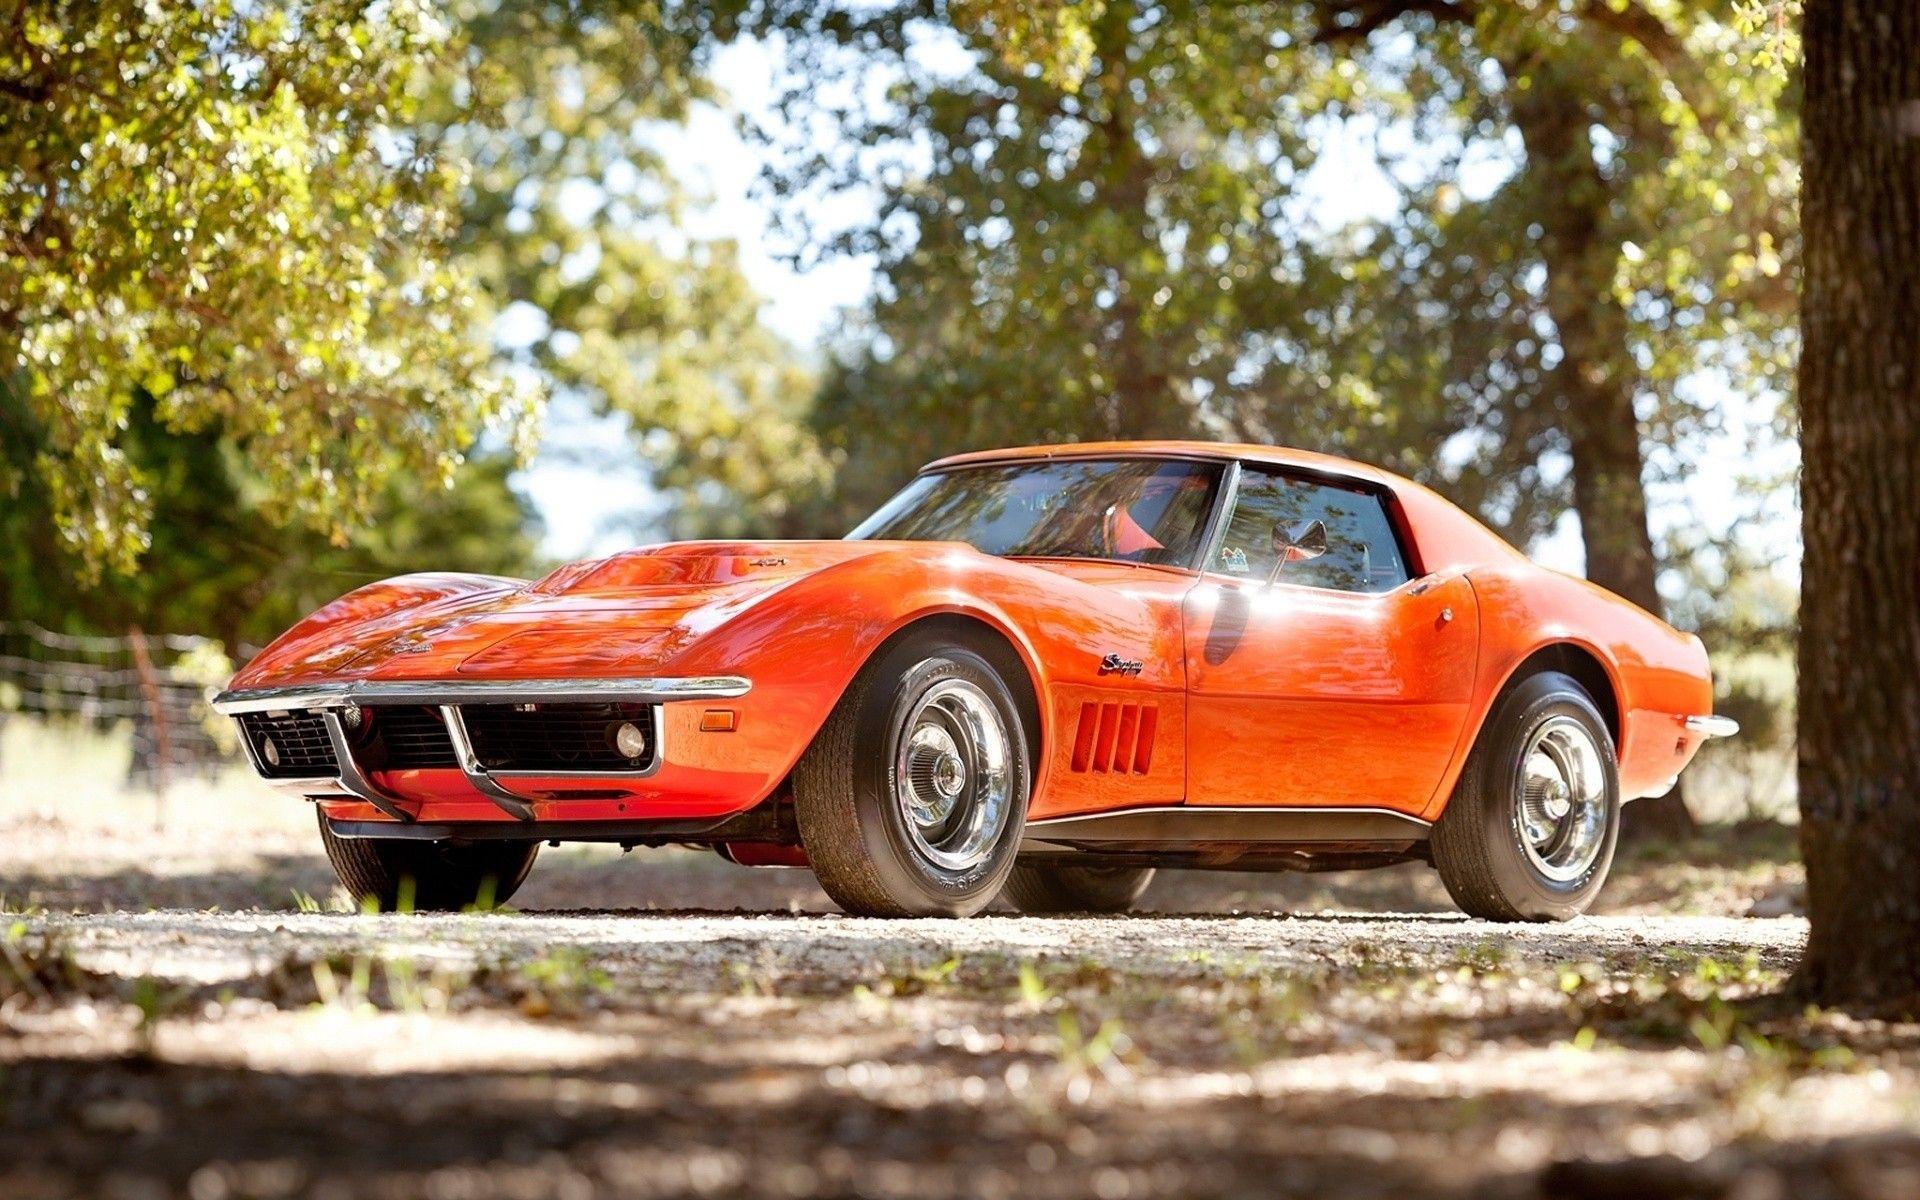 Chevrolet-1969-Stingray-Corvette-C3